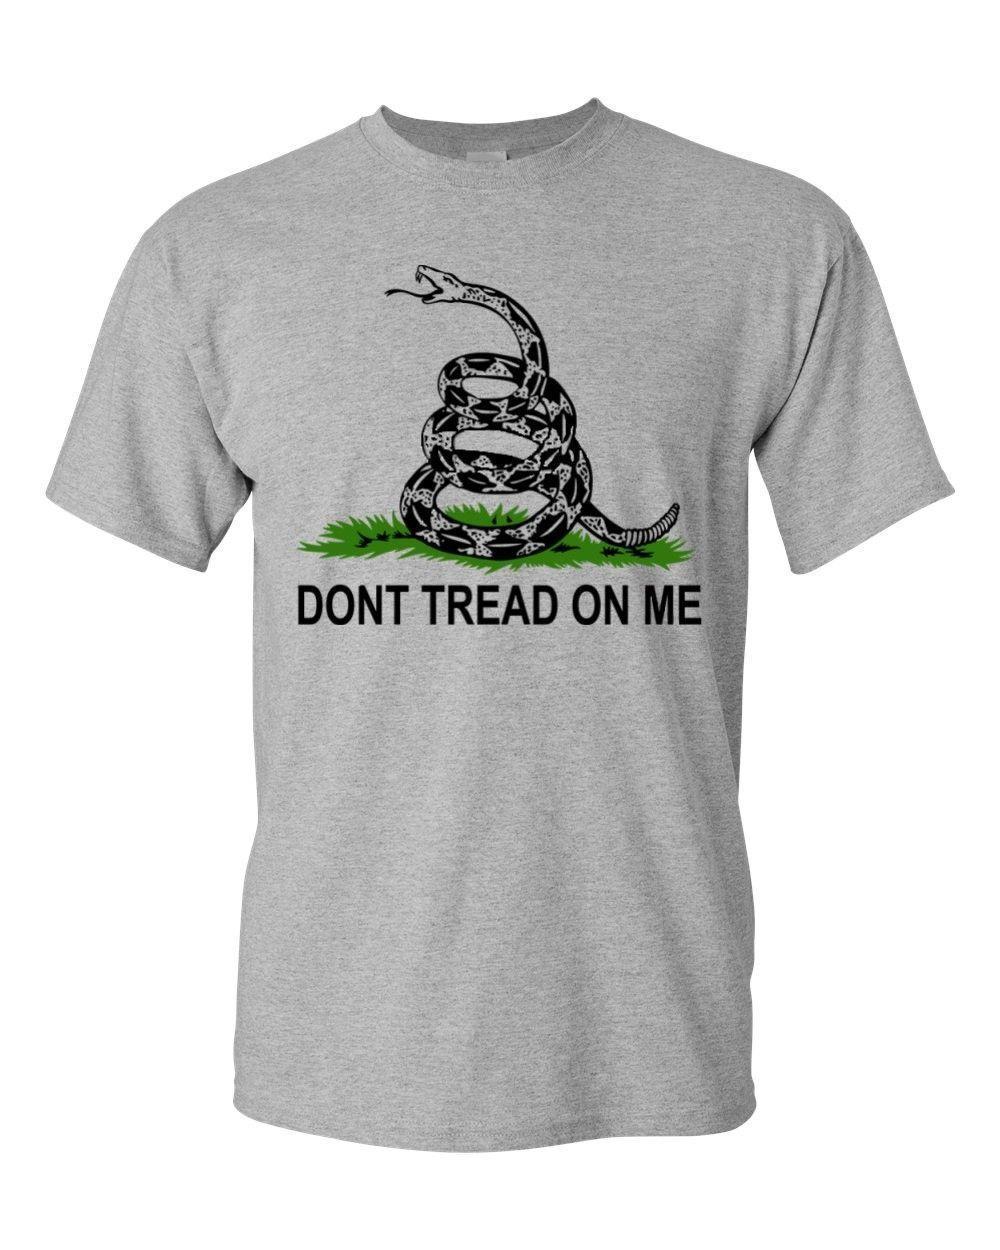 280edfb29bb55 Compre Crear Una Camiseta Bandera Histórica De Gadsden No Pise En Mí Figura  De Serpiente Camiseta Americana De Cuello Redondo Pride De Hombres  Orgullosos A ...